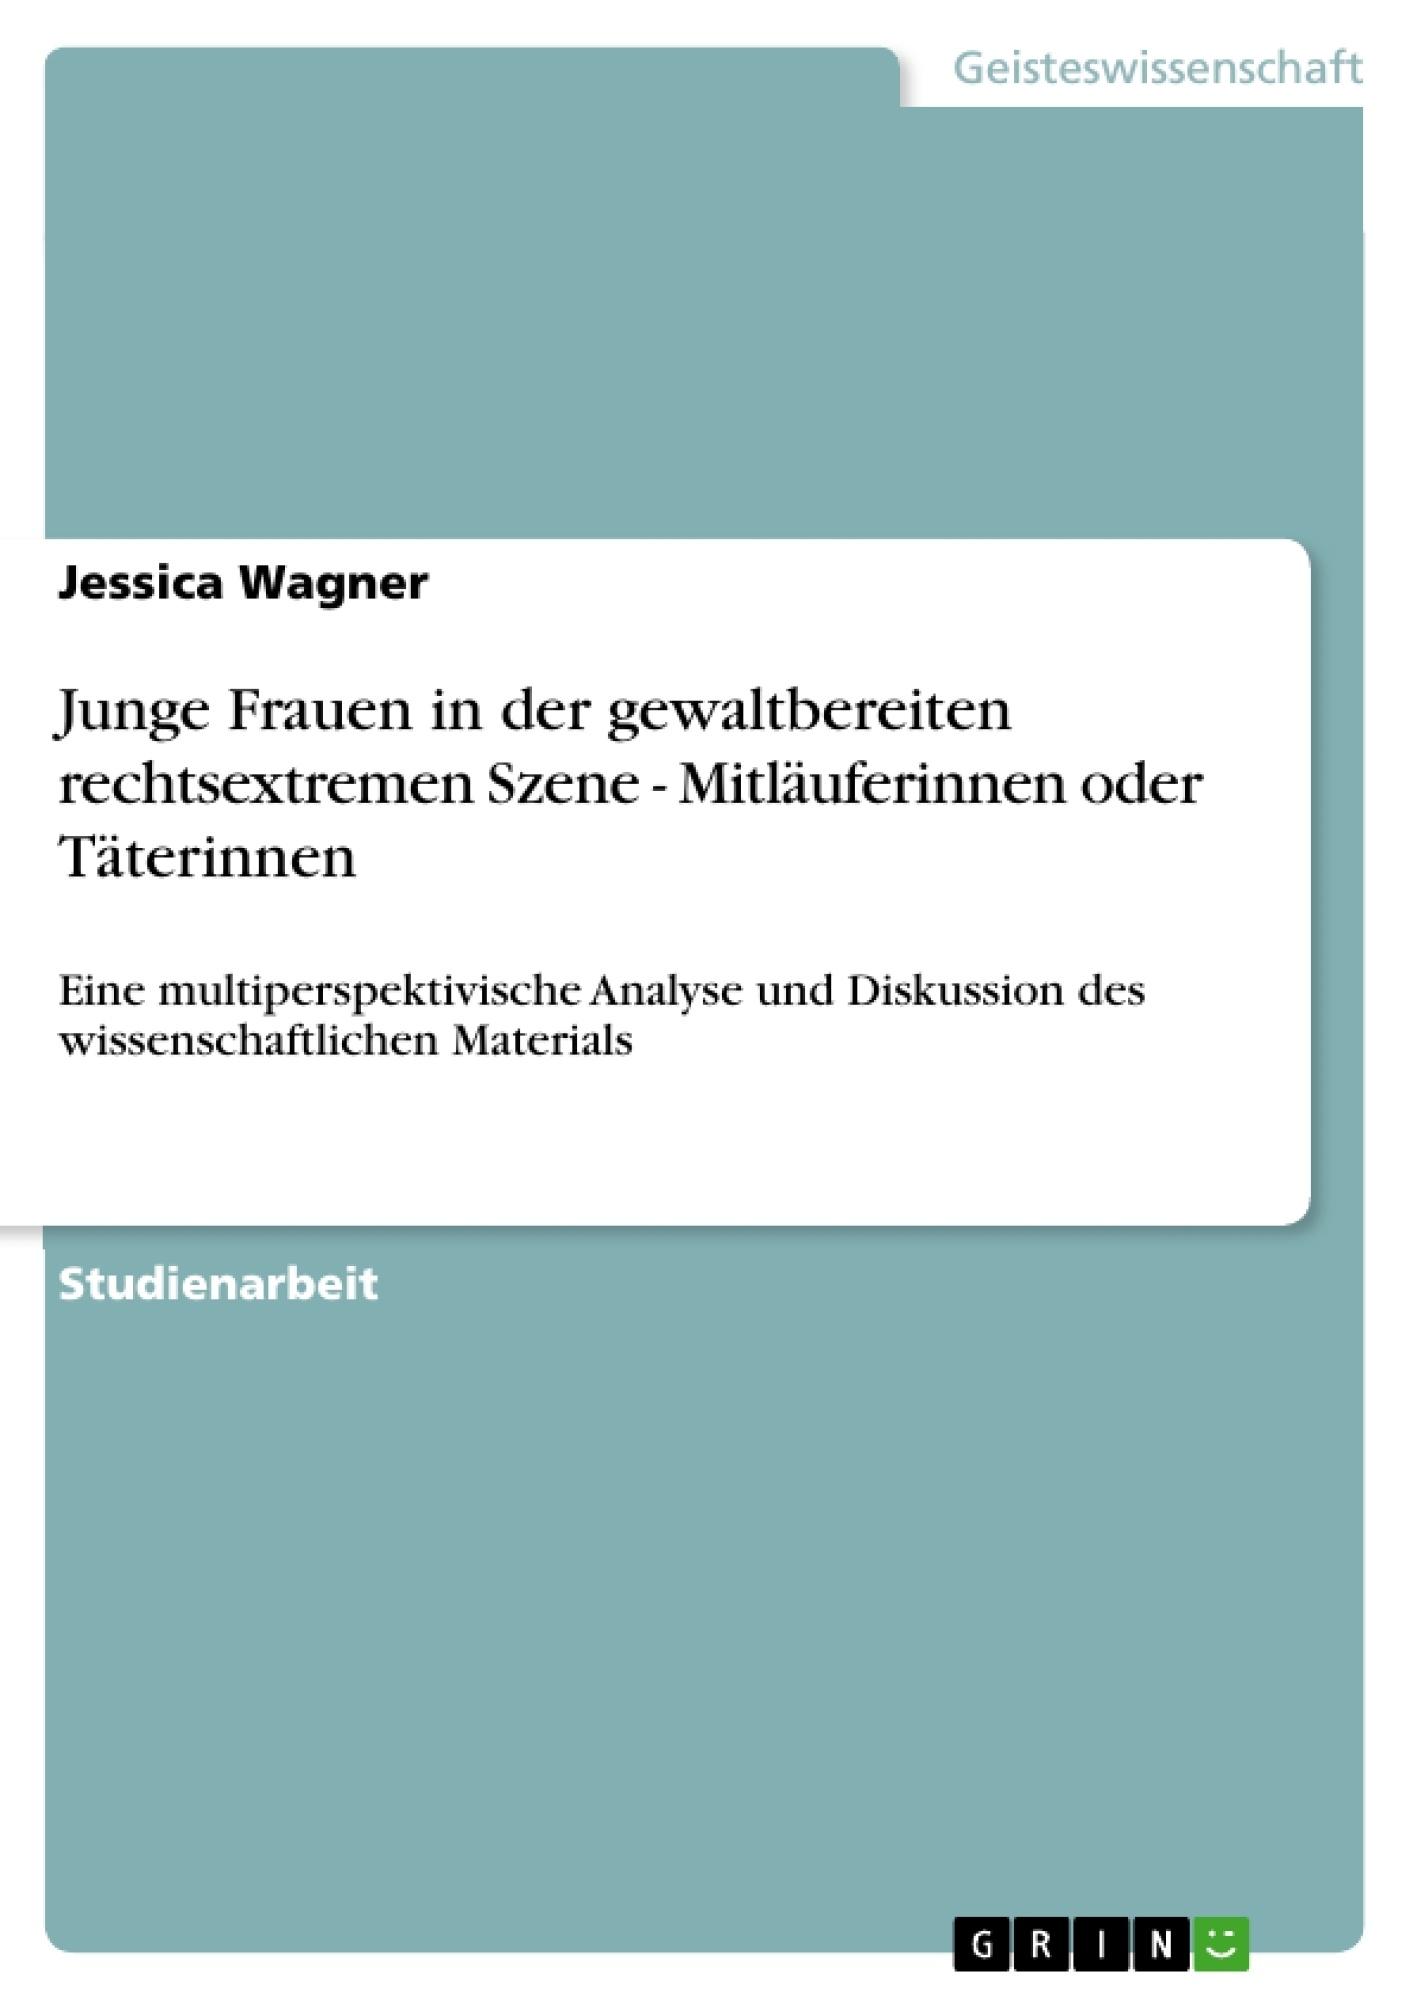 Titel: Junge Frauen in der gewaltbereiten rechtsextremen Szene - Mitläuferinnen oder Täterinnen